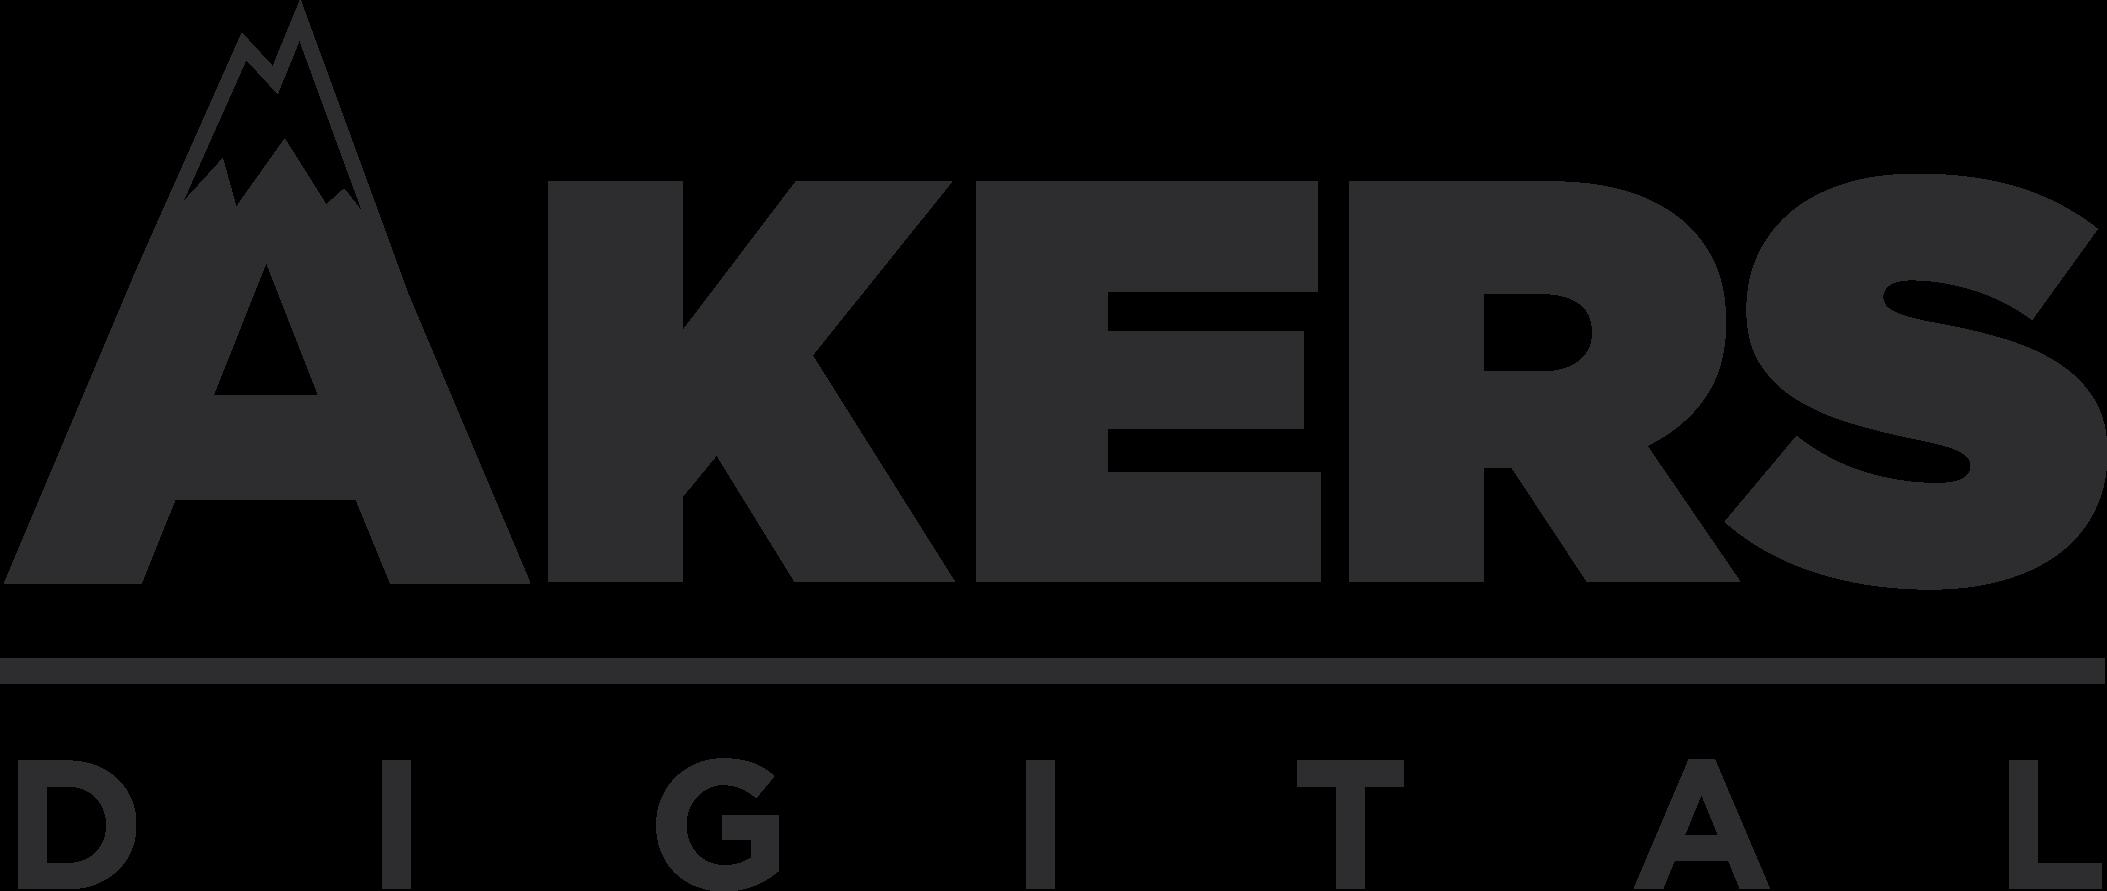 Akers Digital Logo